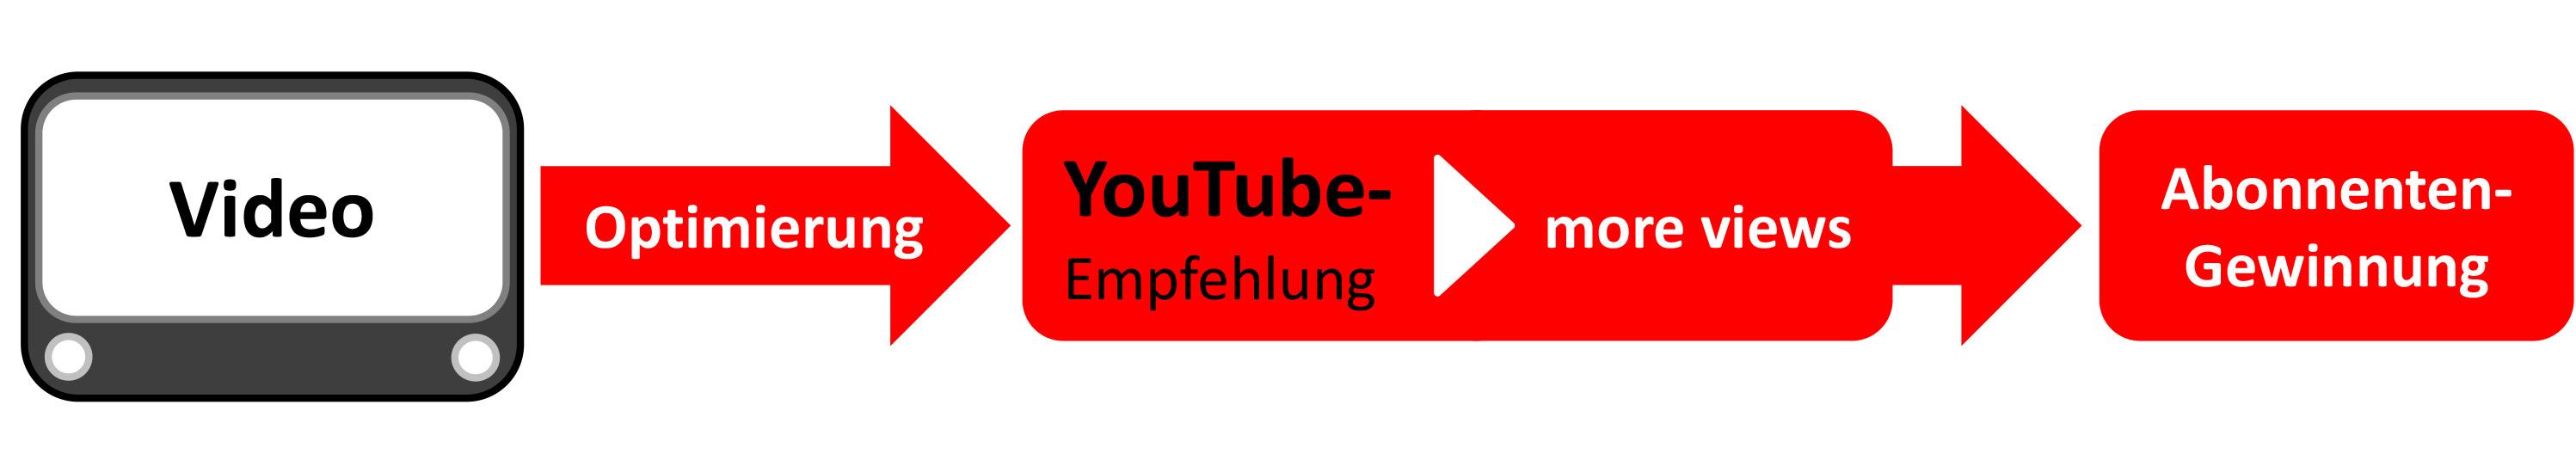 Youtube-Abonnenten gewinnen